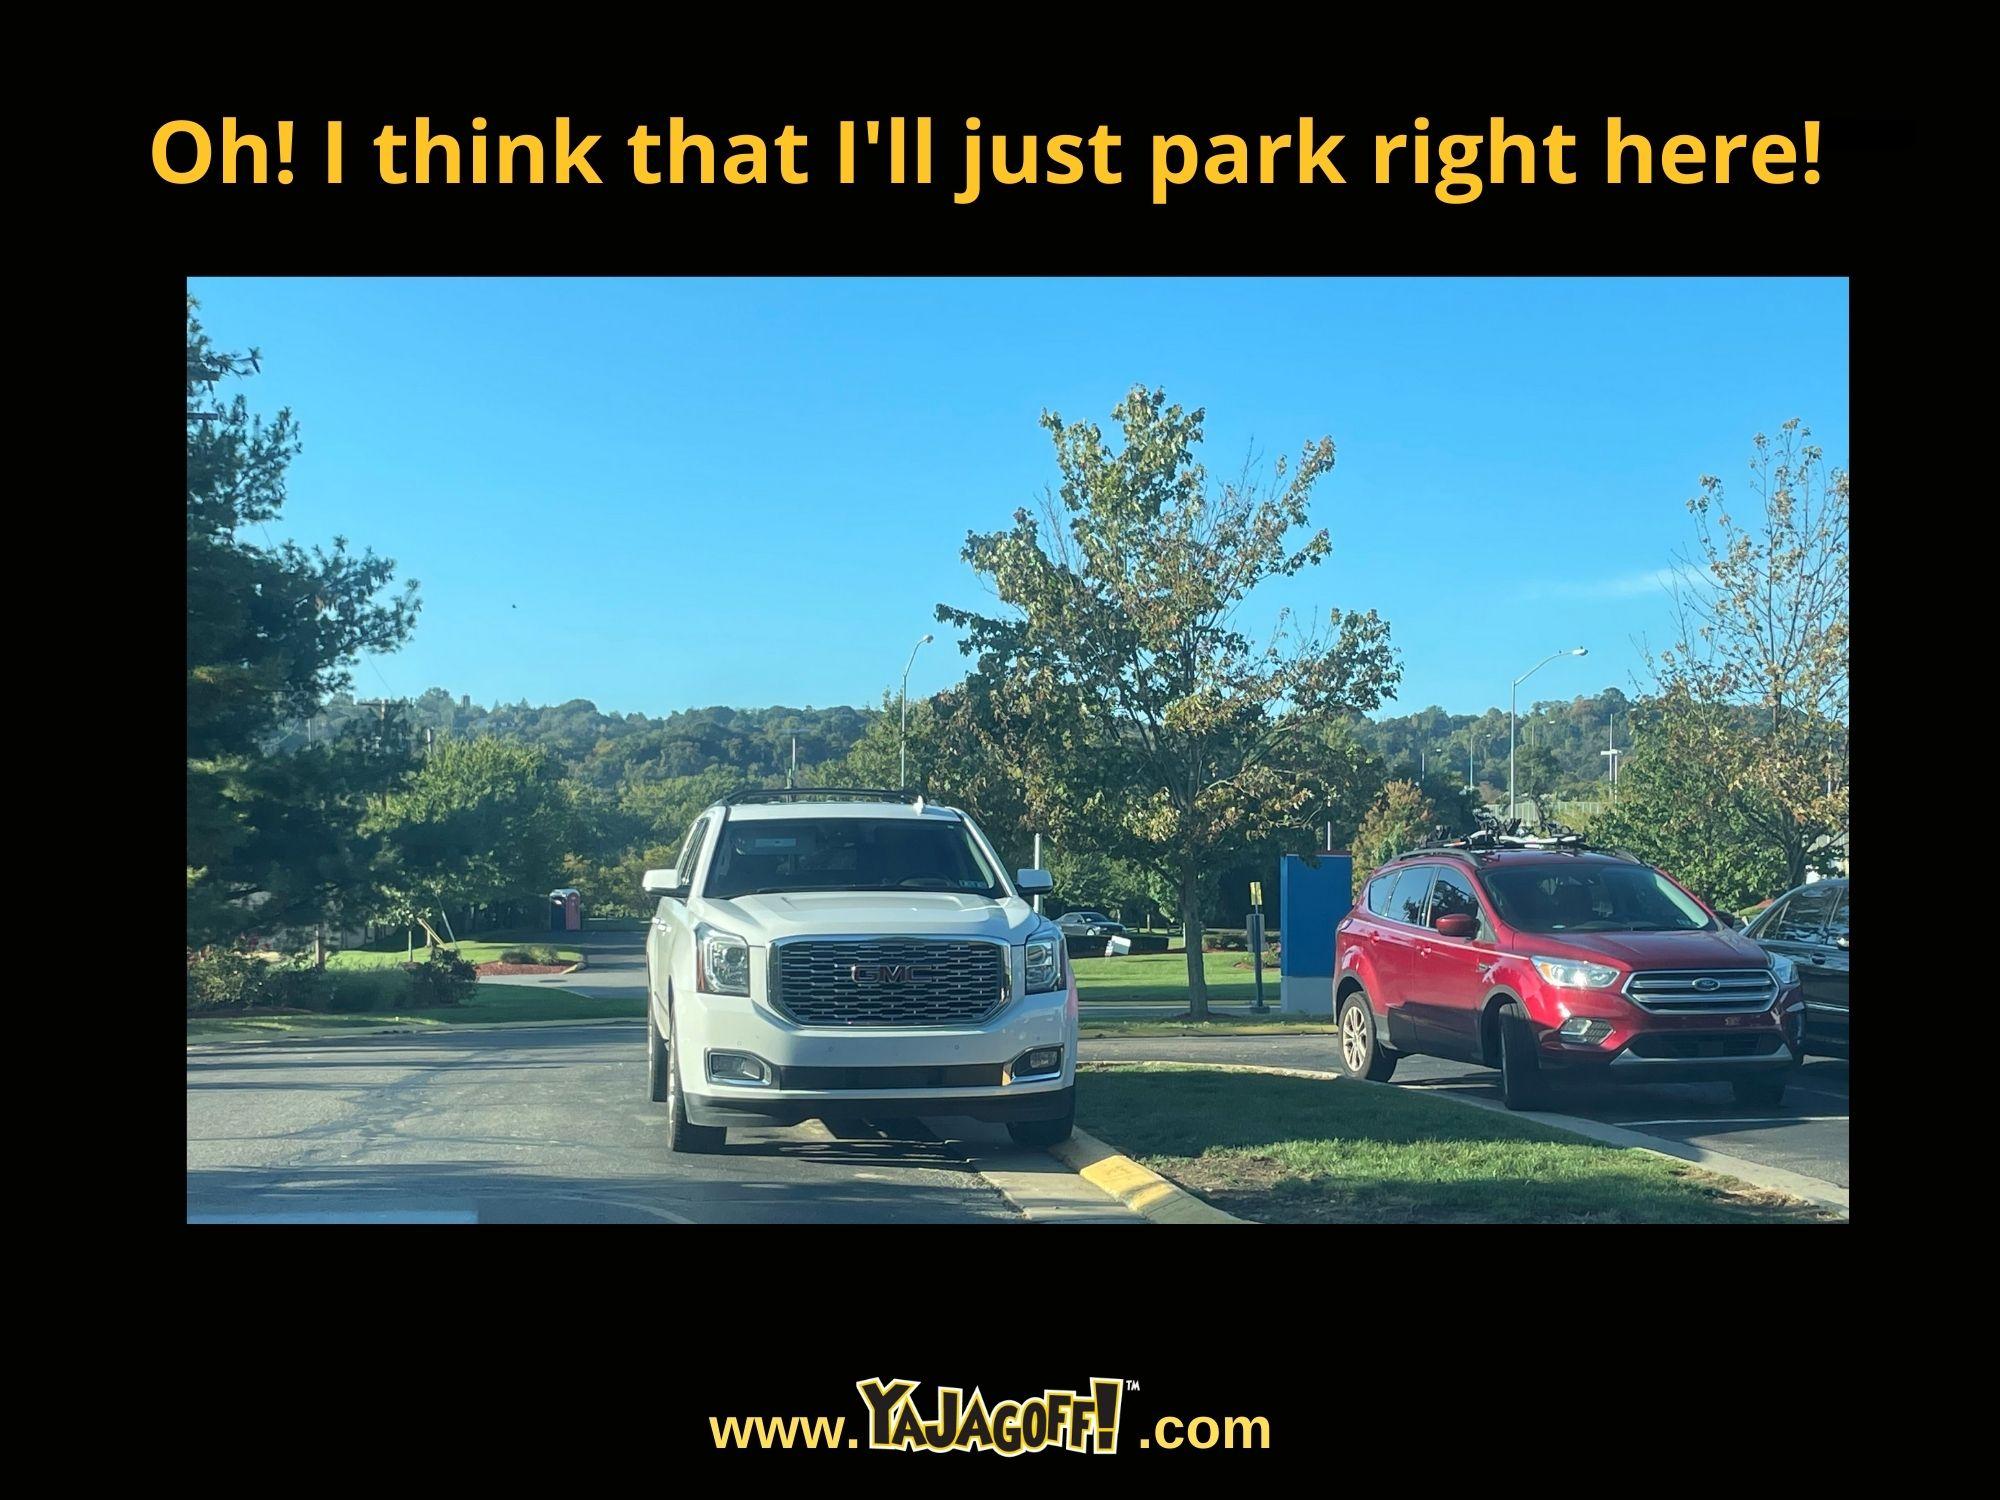 Jagoff Parking Sign